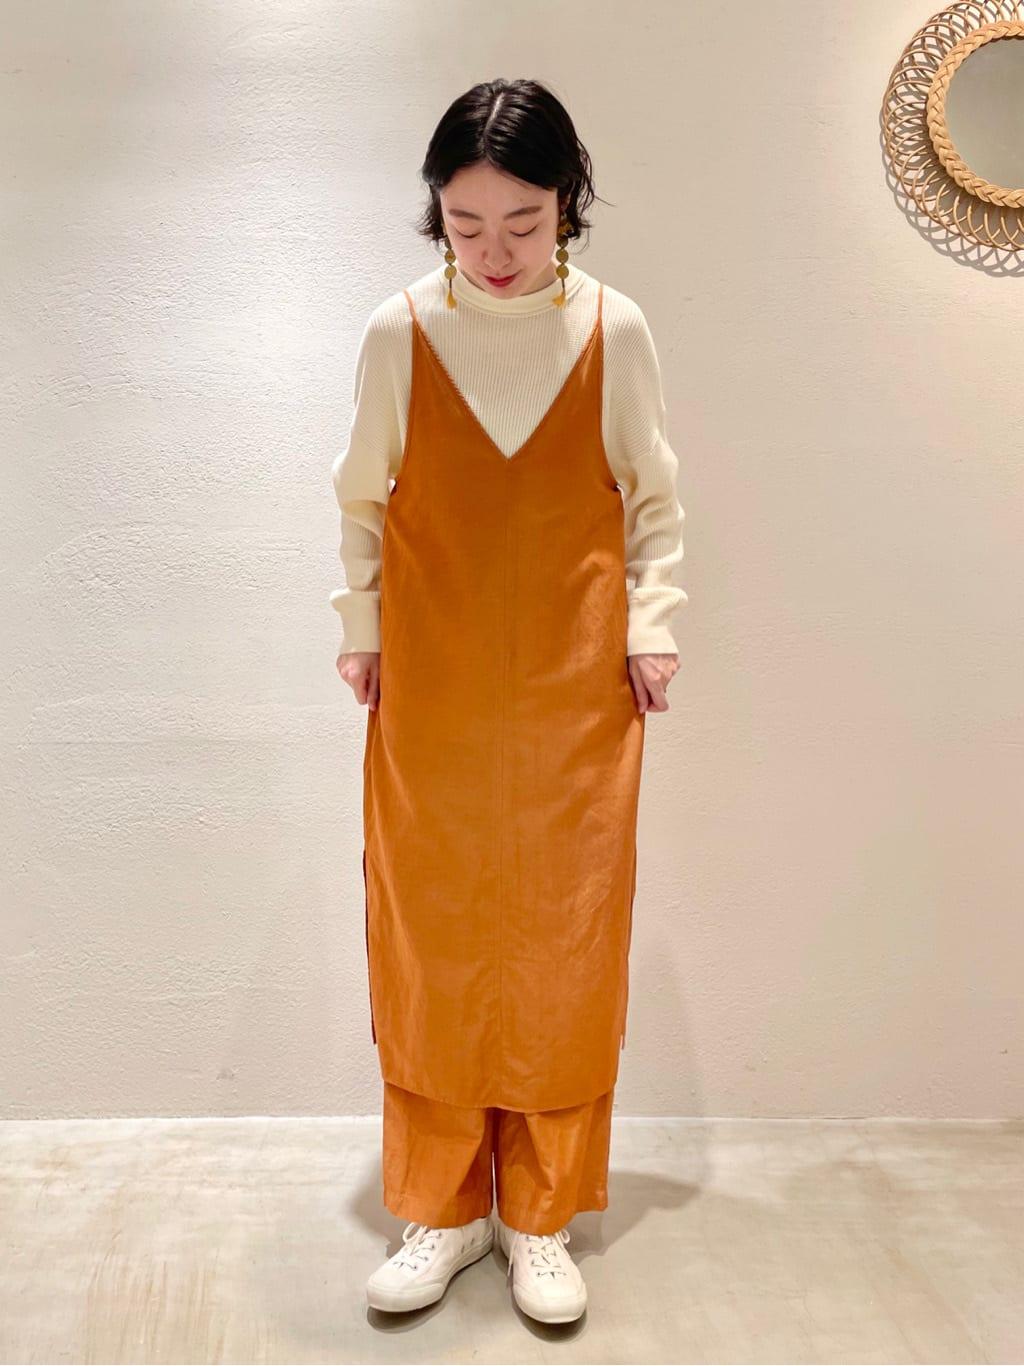 yuni ニュウマン横浜 身長:166cm 2021.10.06